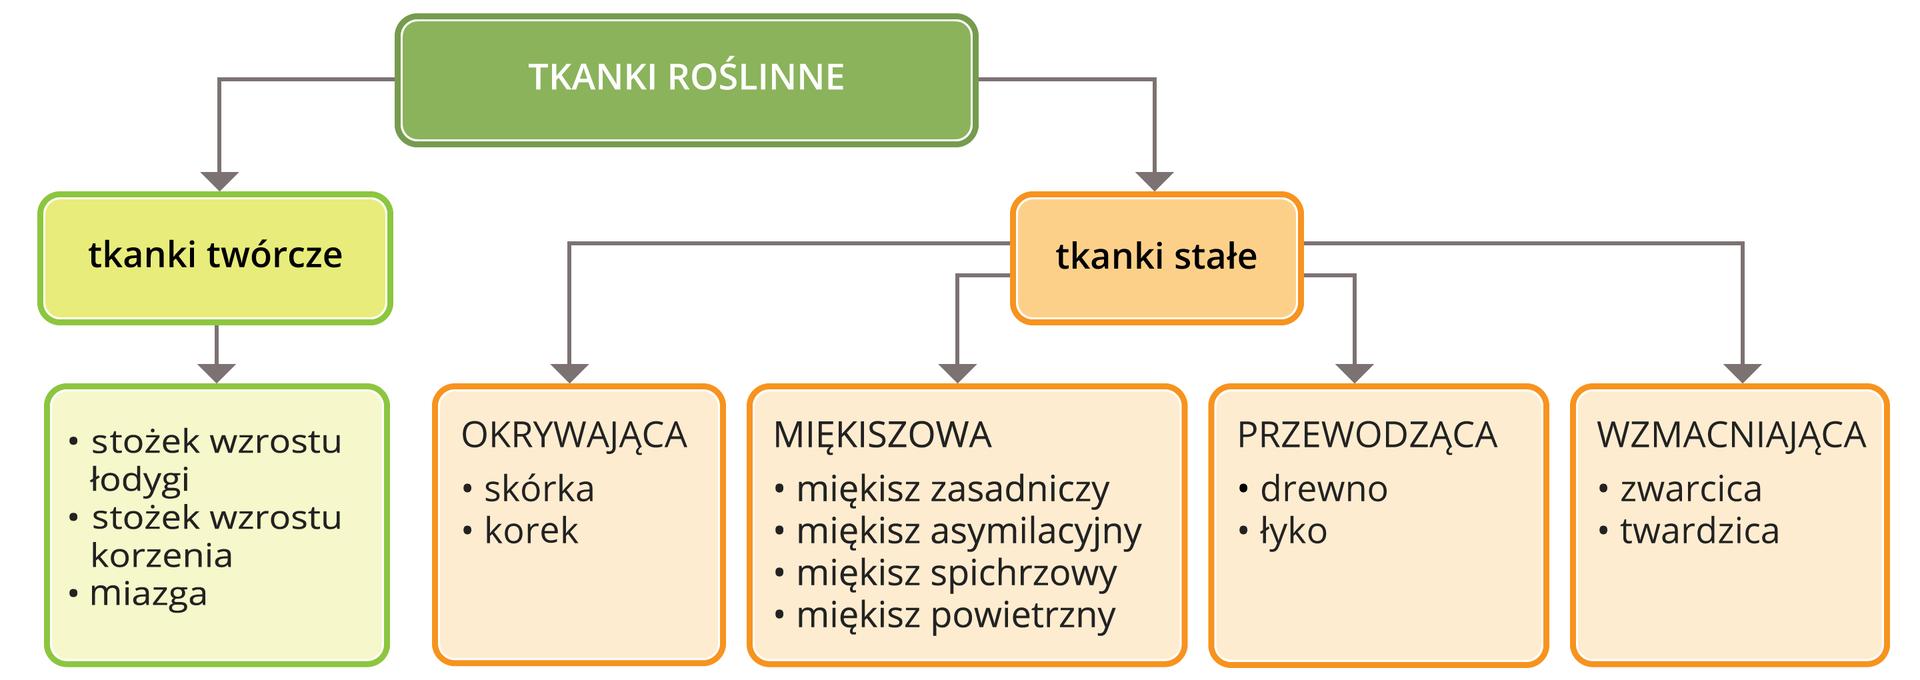 Ilustracja przedstawia podział tkanek roślinych wpostaci schematu blokowego.